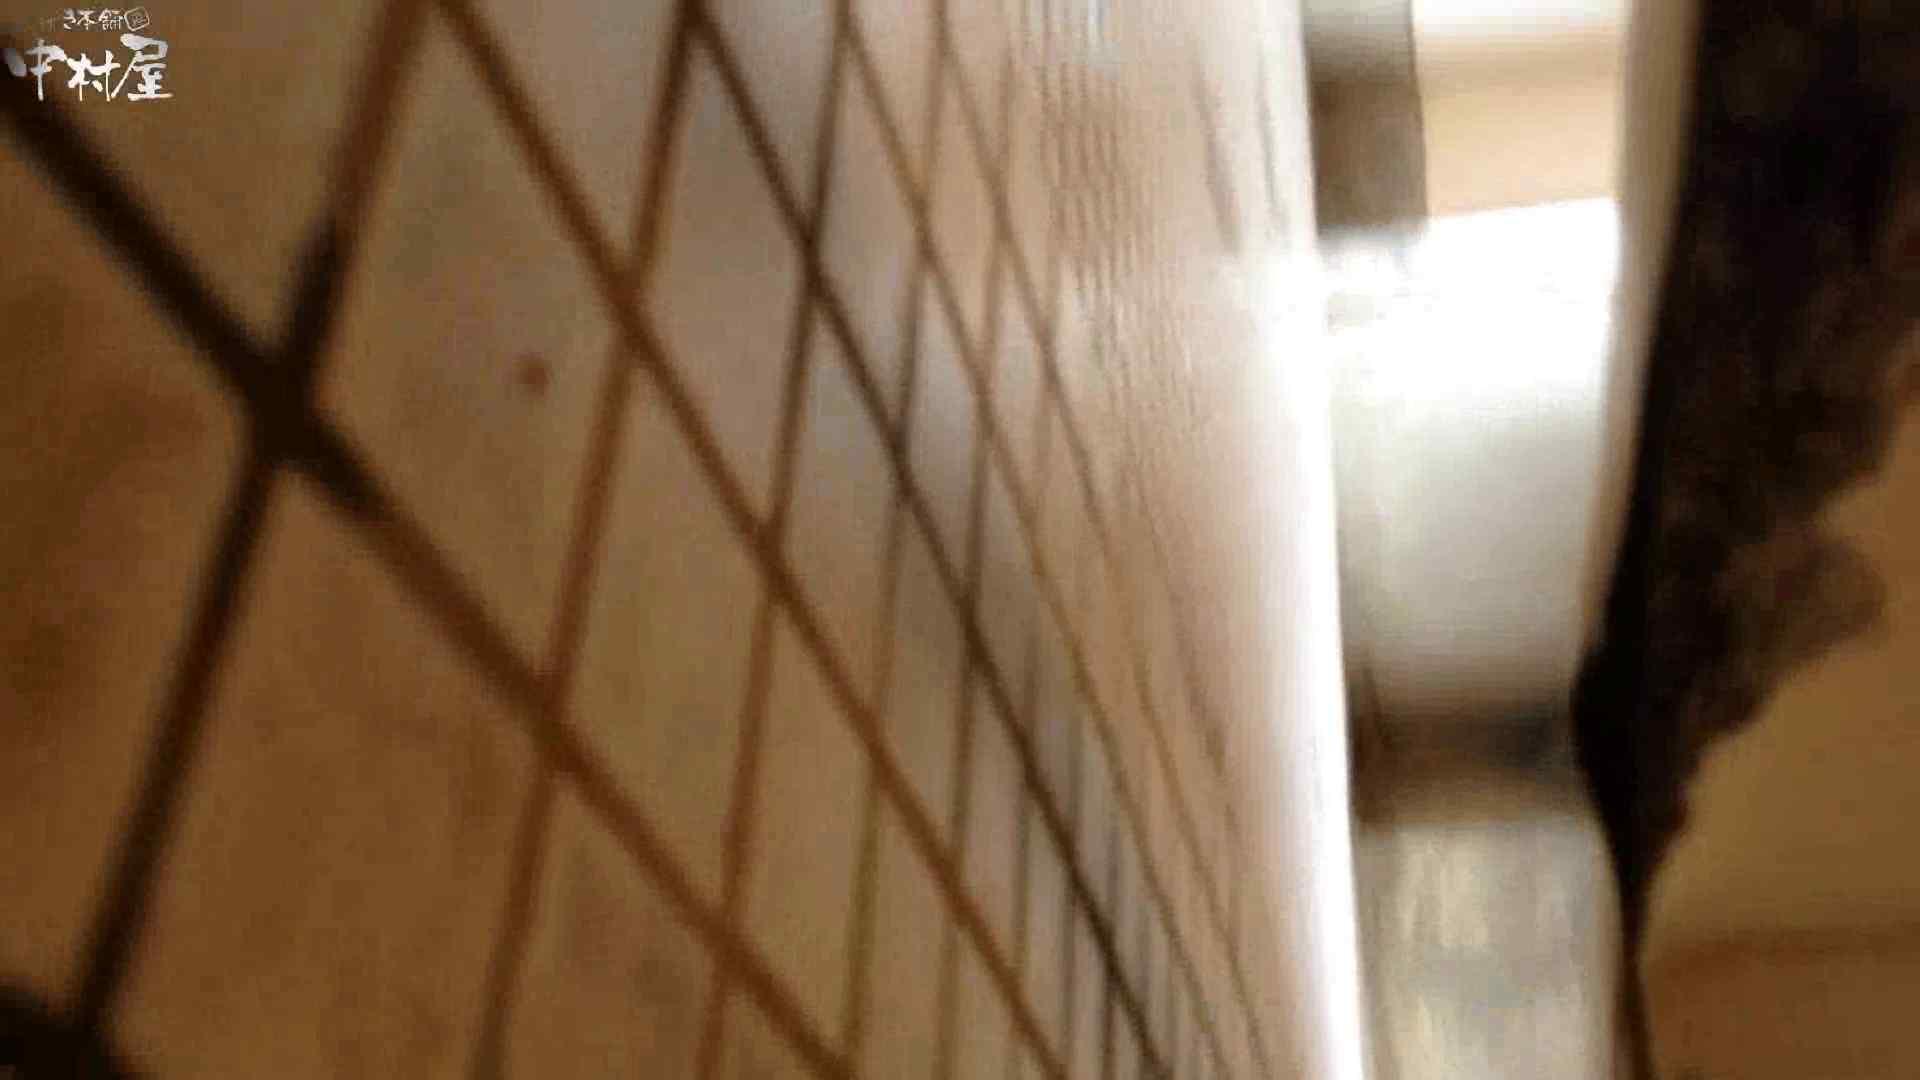 部活女子トイレ潜入編vol.1 OLのエロ生活 AV動画キャプチャ 67連発 12